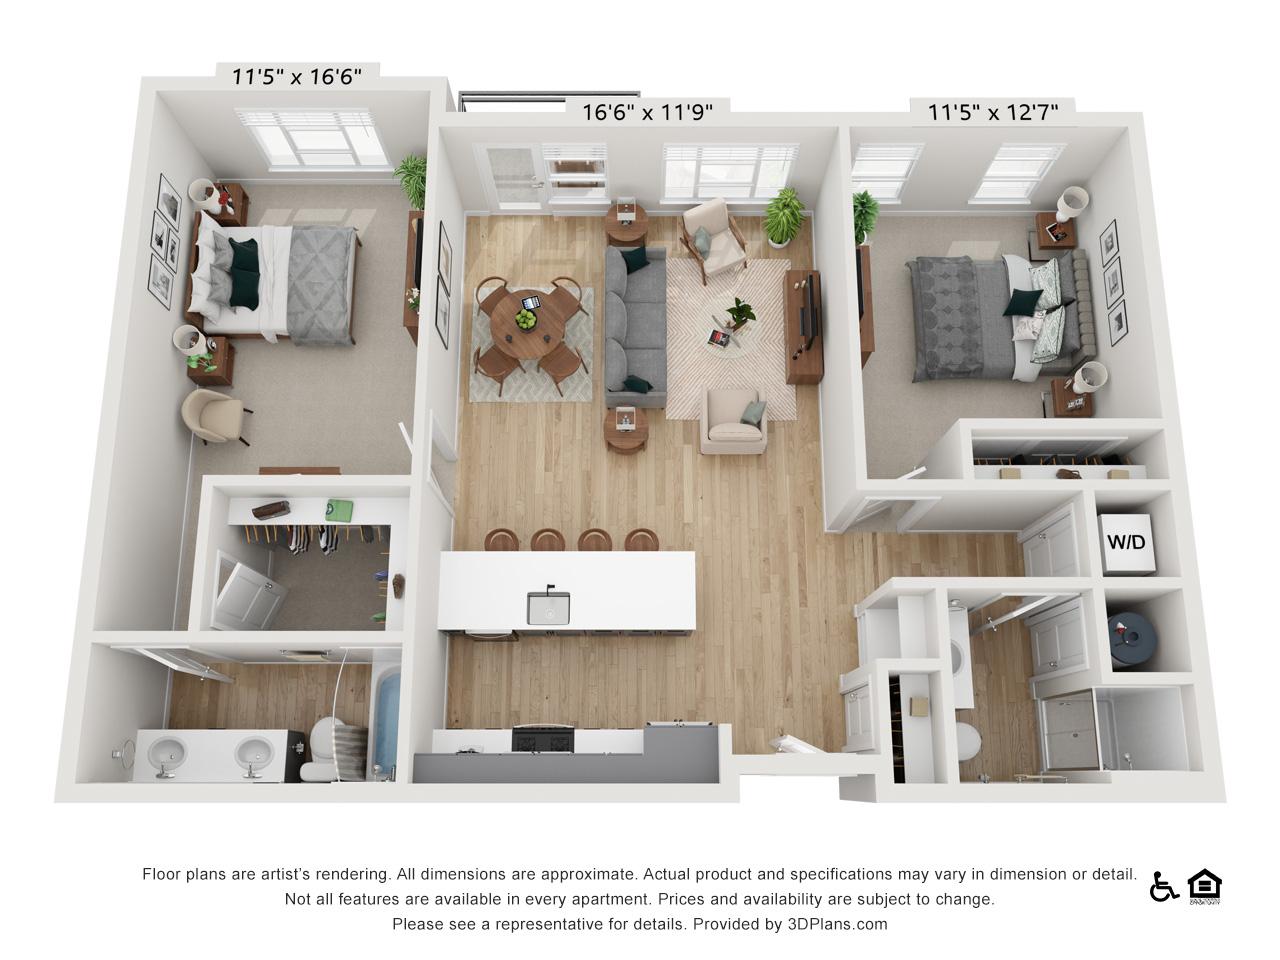 Two Bedroom G | 2 Bedrooms | 2 Bathrooms | 1,185-1,206 sq ft